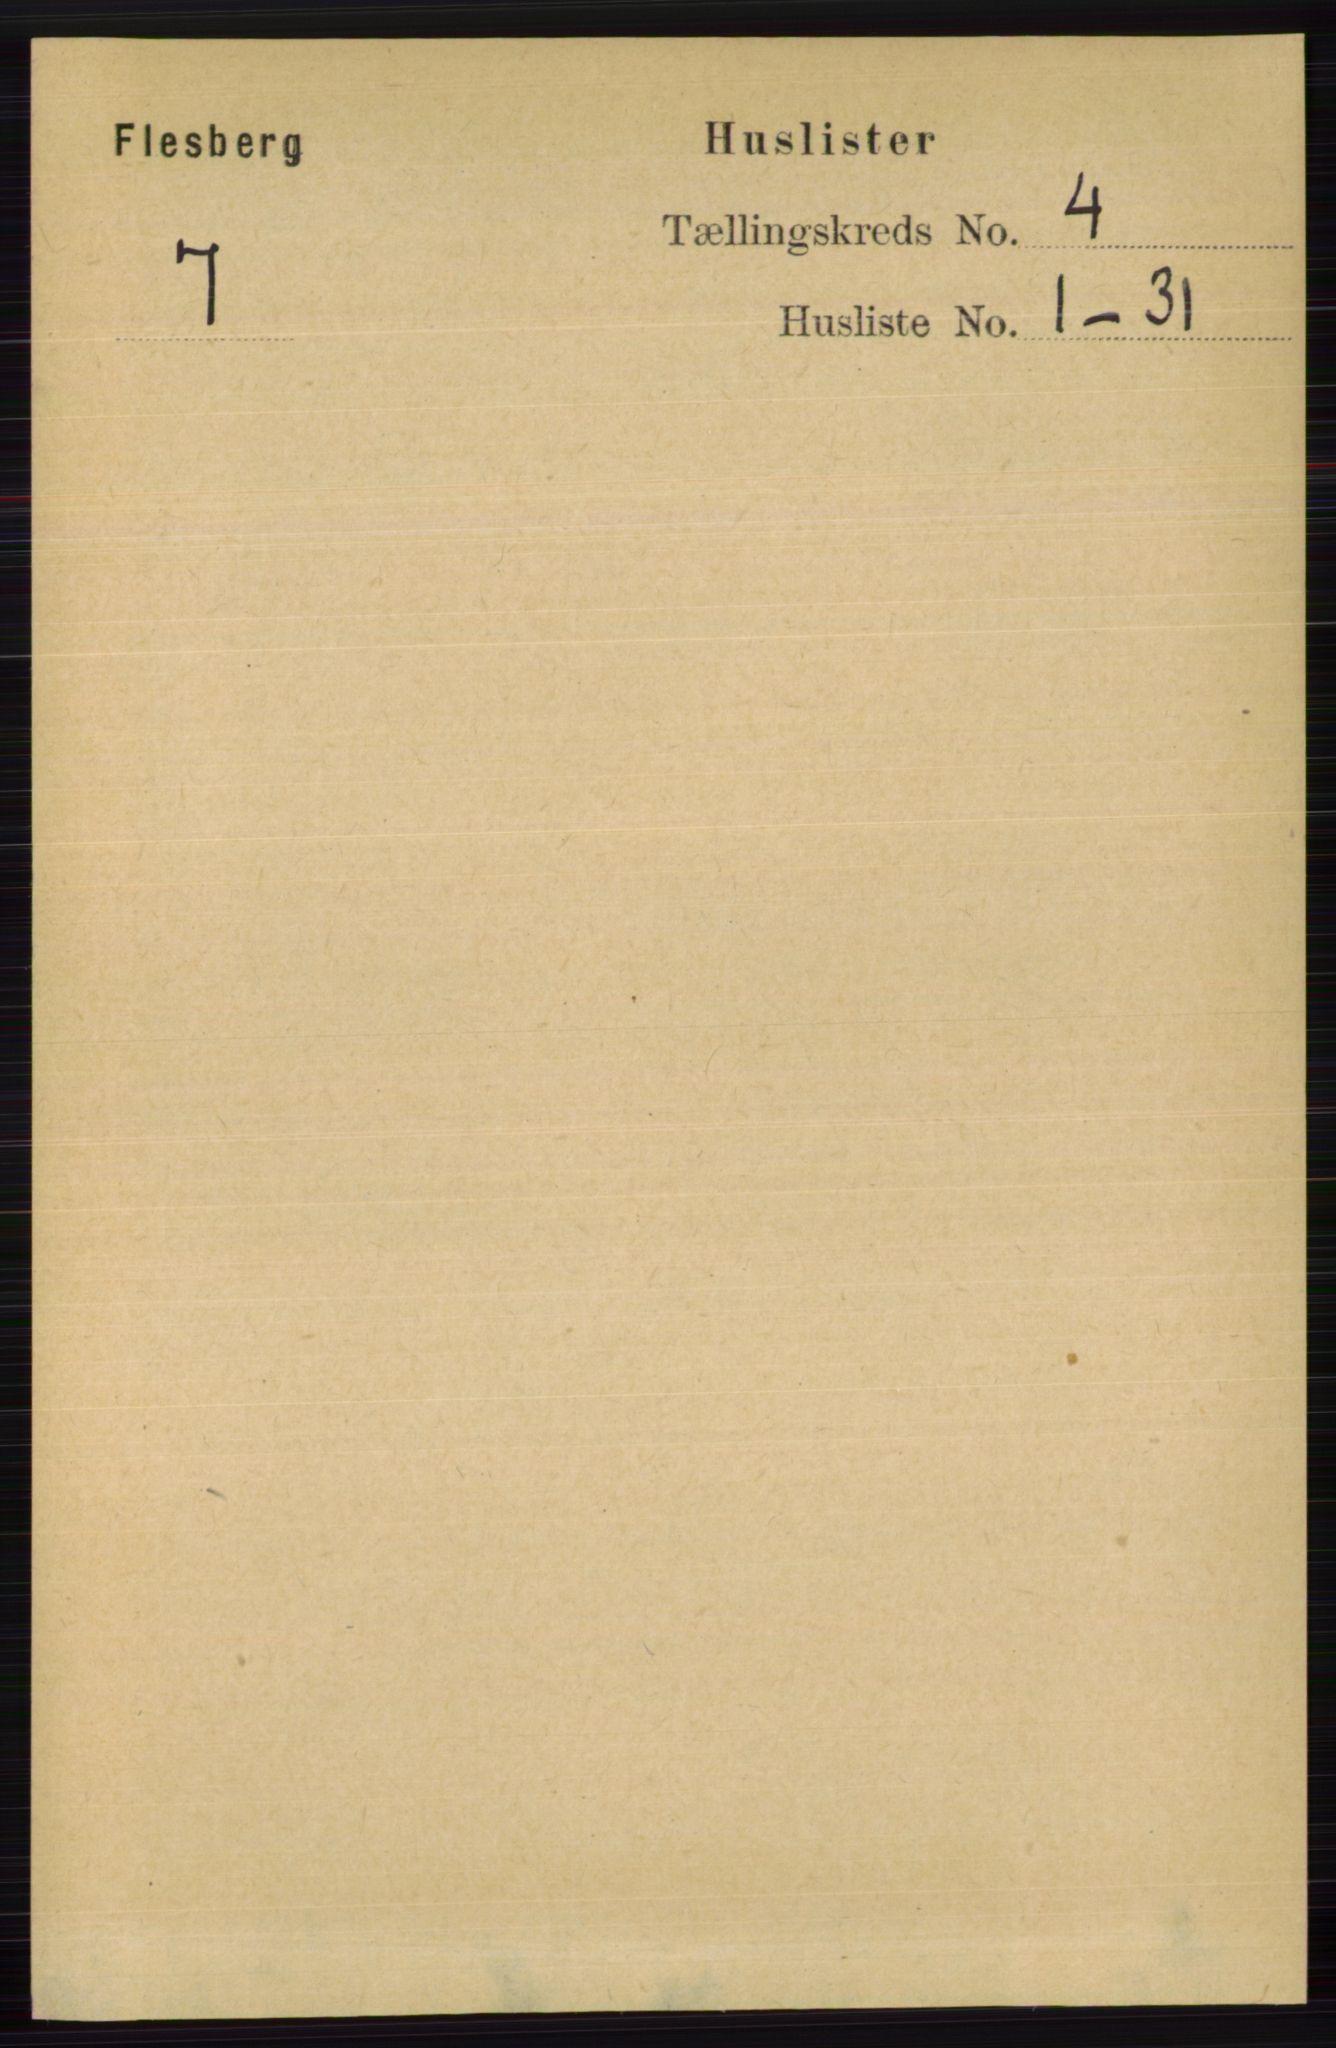 RA, Folketelling 1891 for 0631 Flesberg herred, 1891, s. 486